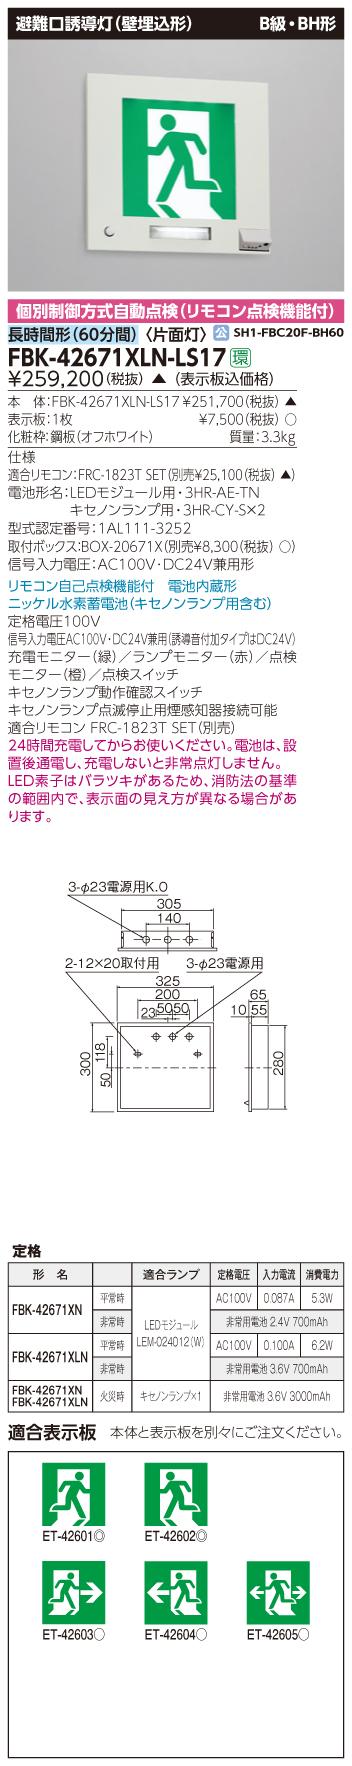 【法人様限定】東芝 FBK-42671XLN-LS17 LED誘導灯 壁埋込形 点滅形 電池内蔵 片面 B級BH形 長時間(60分) 【表示板別売】